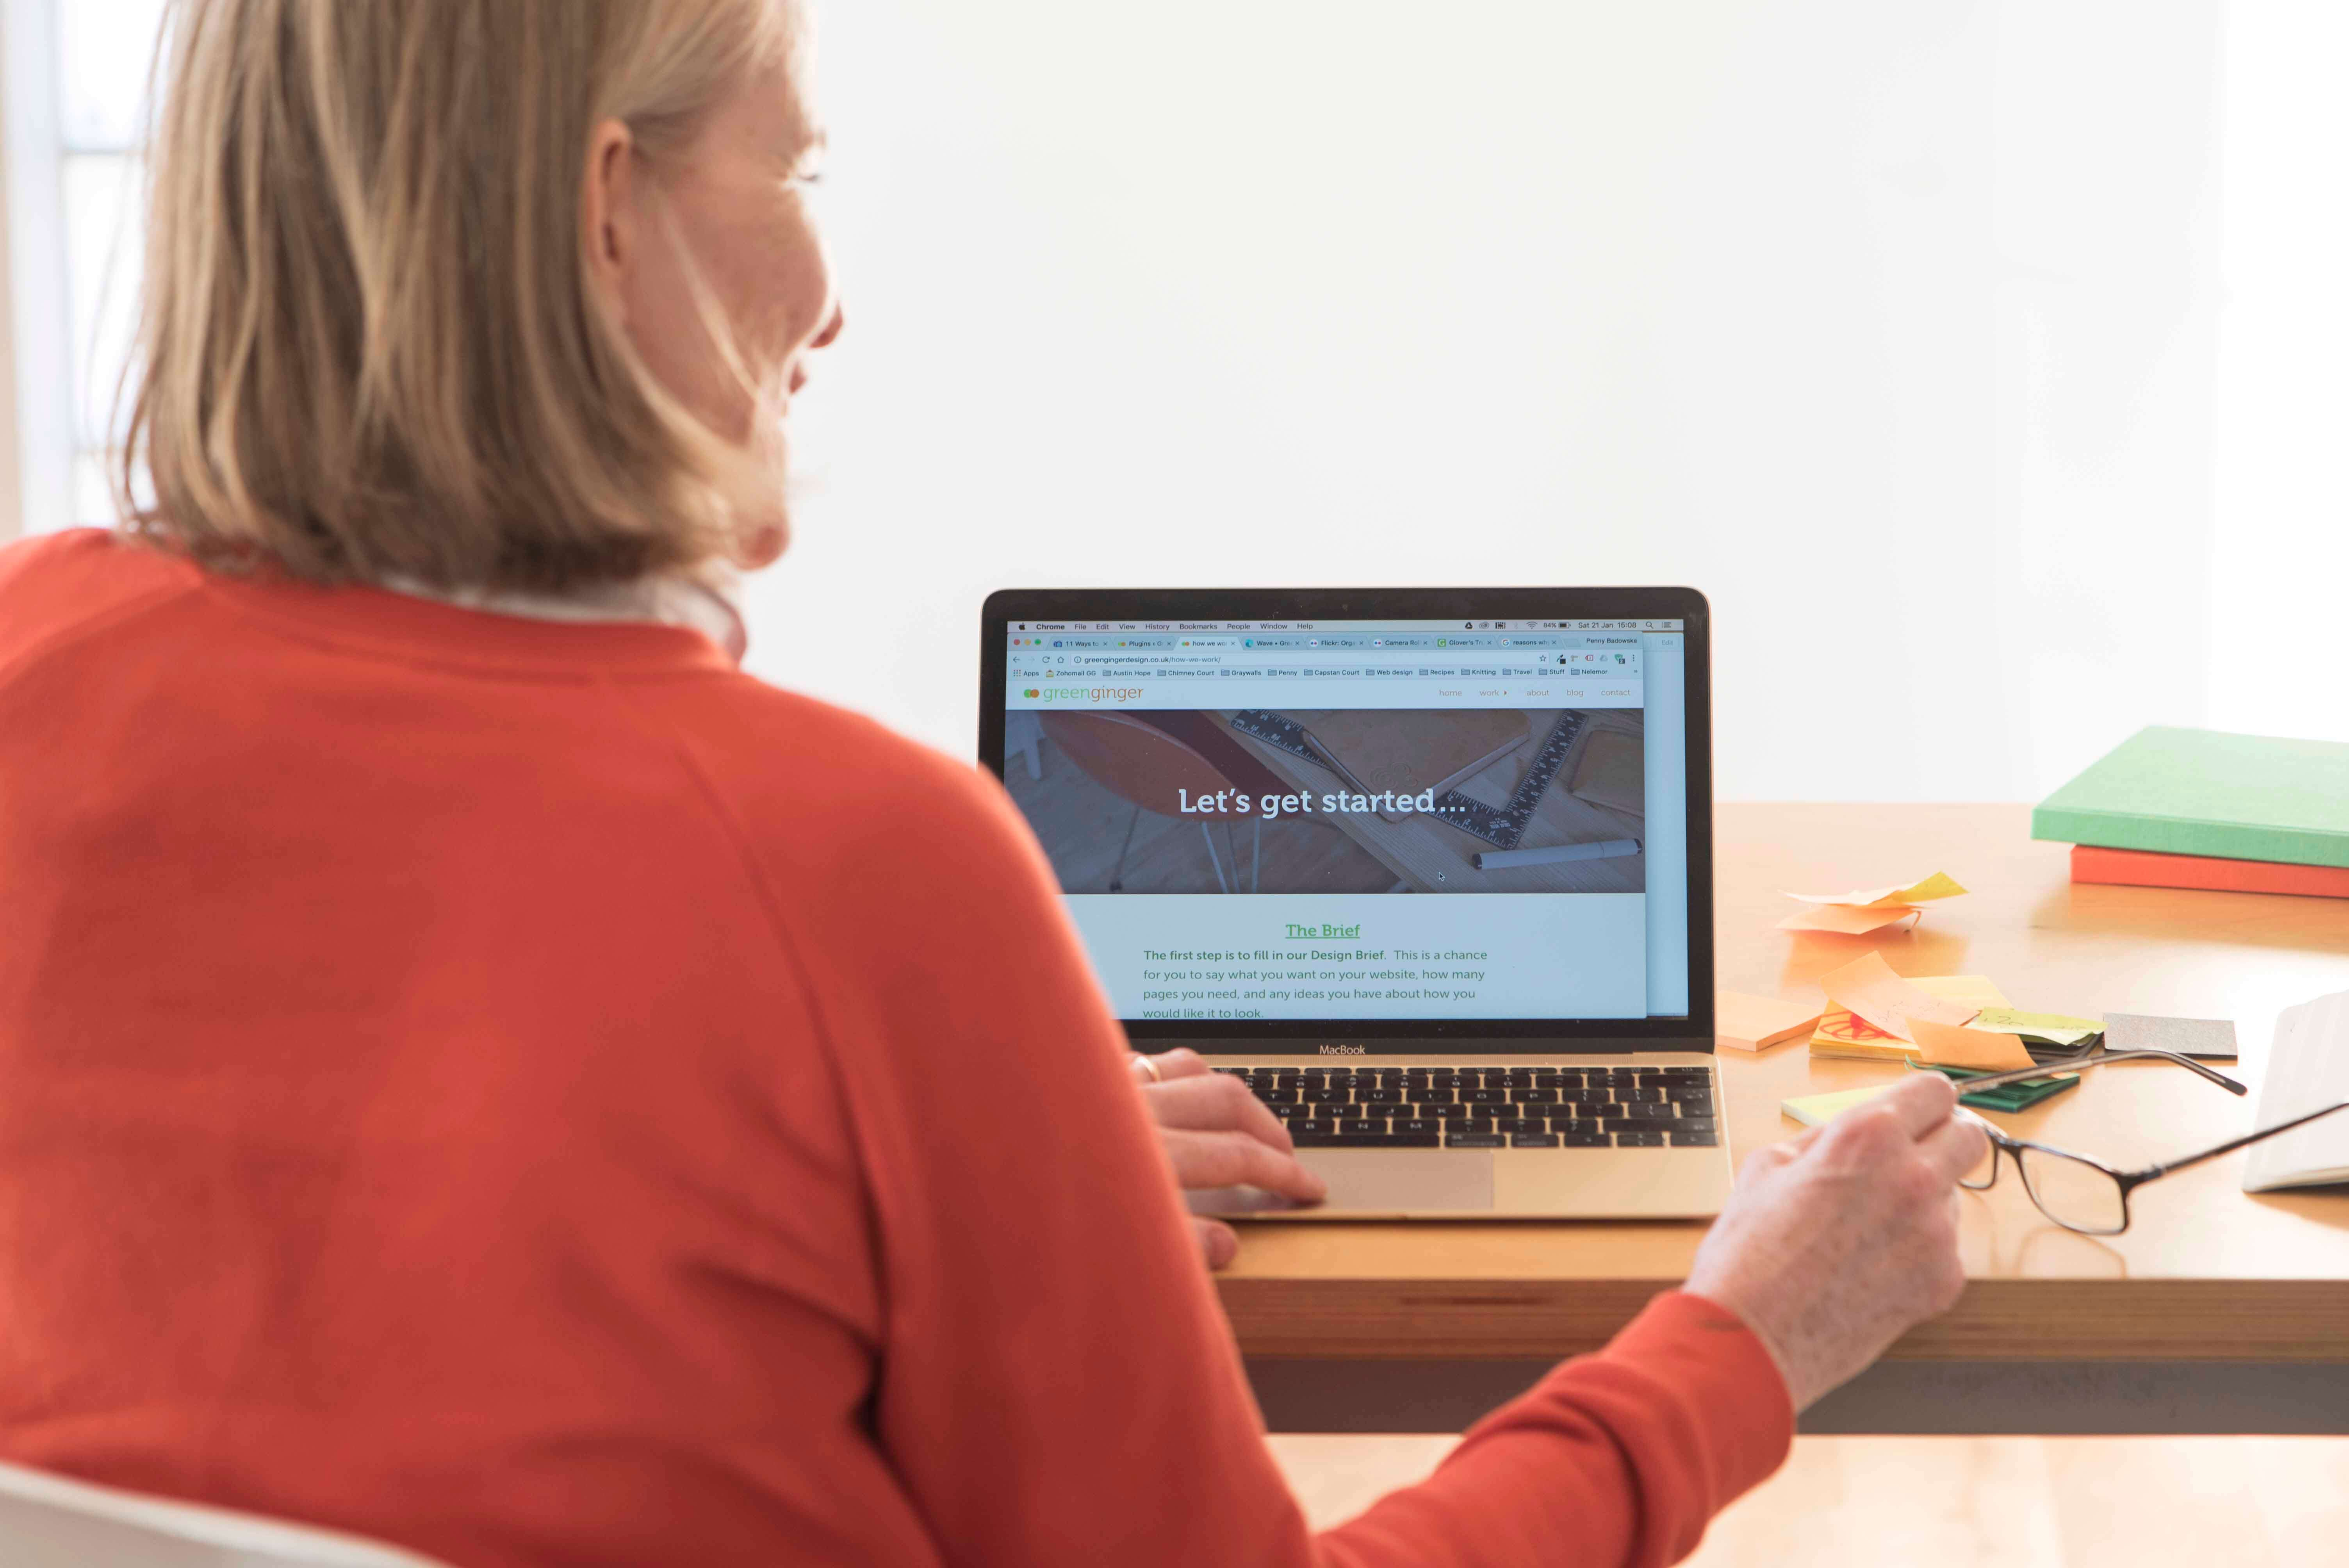 Penny Badowska - website designer at Green Ginger Design